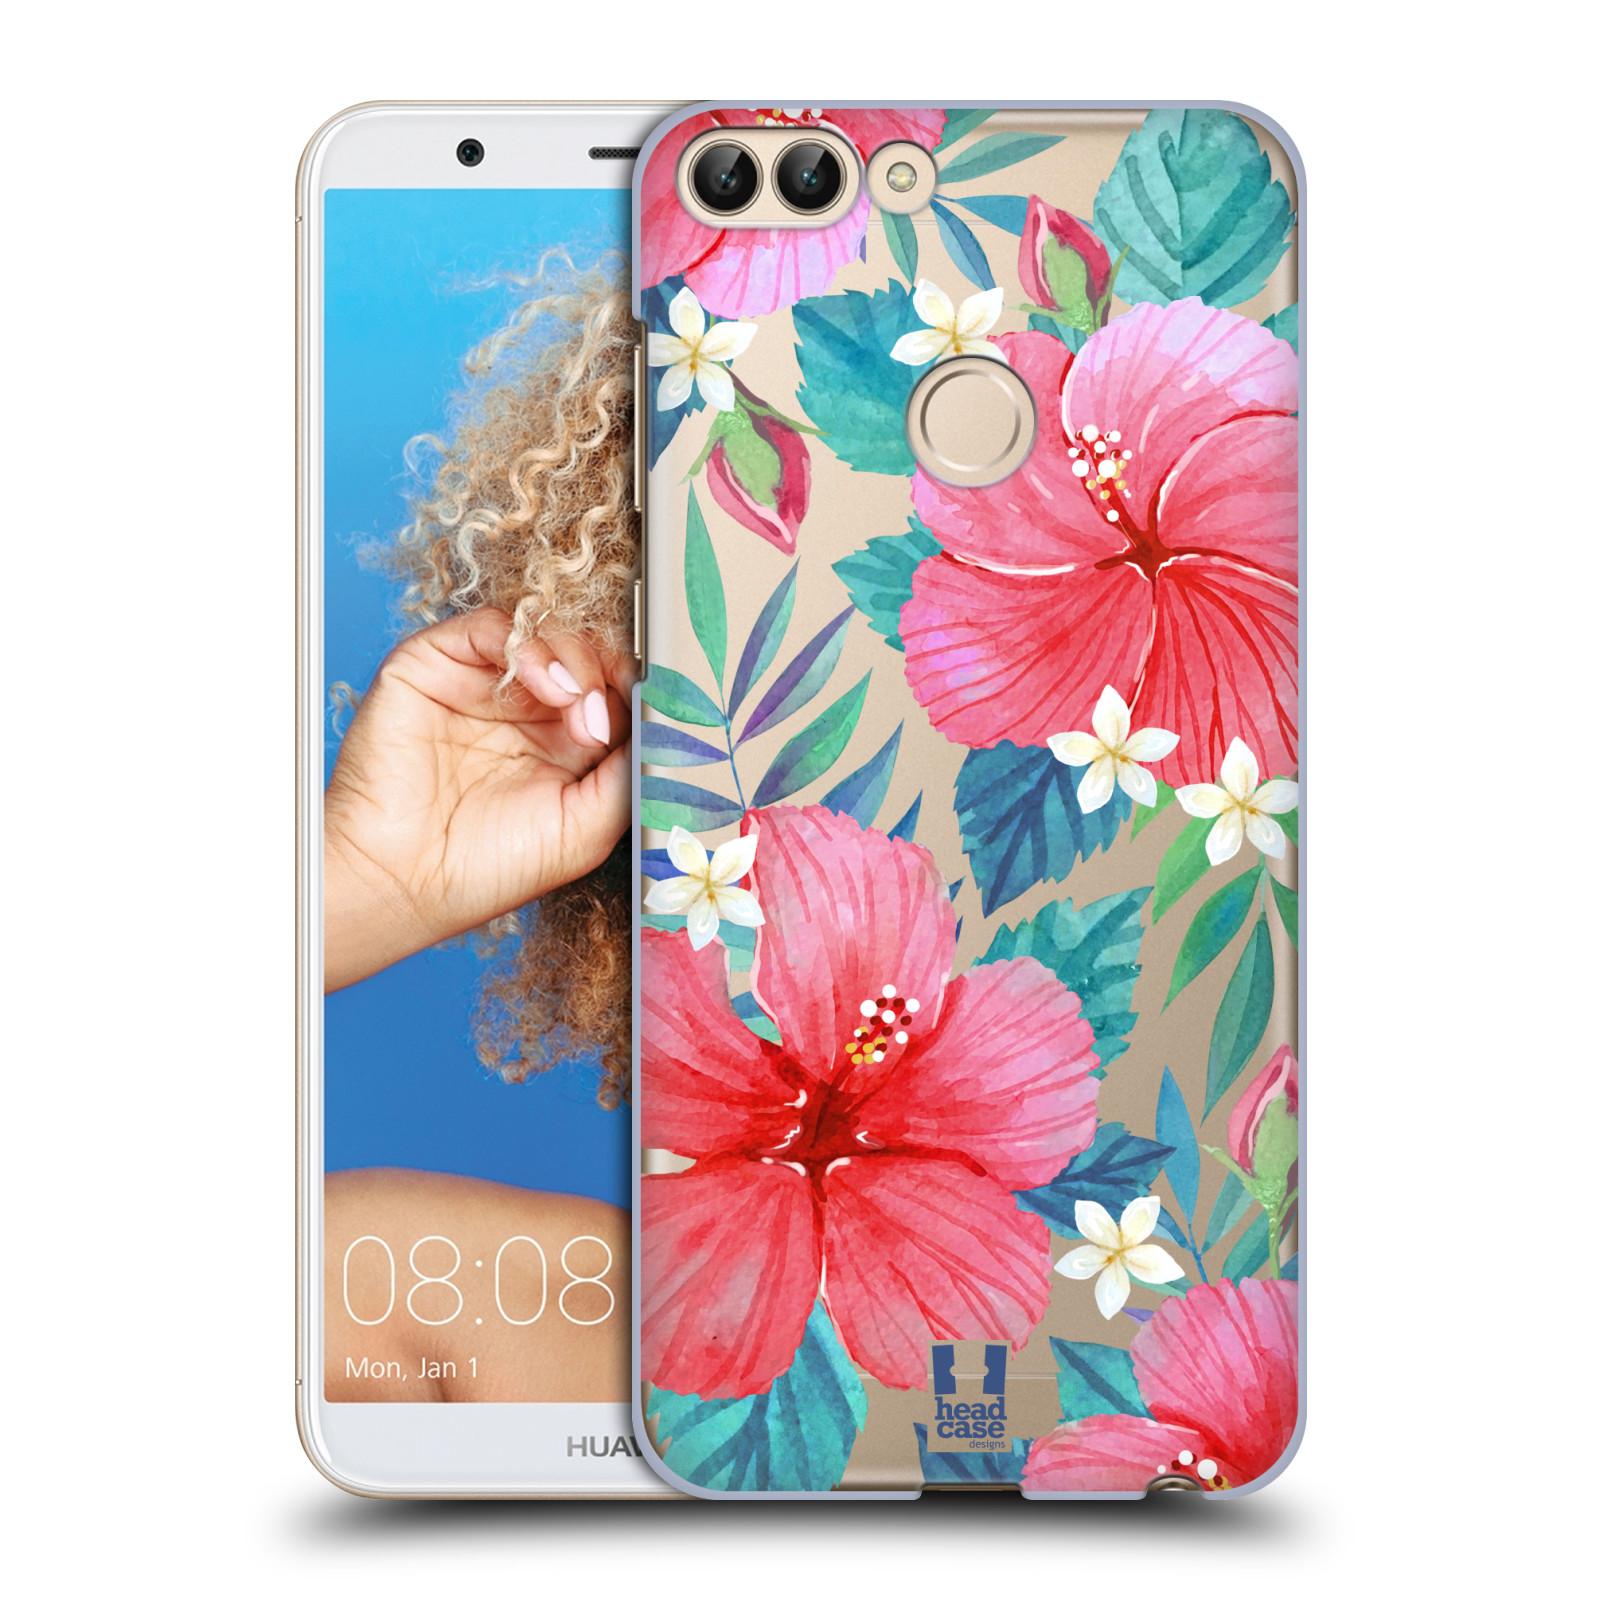 HEAD CASE plastový obal na mobil Huawei P Smart květinové vzory Ibišek čínská růže